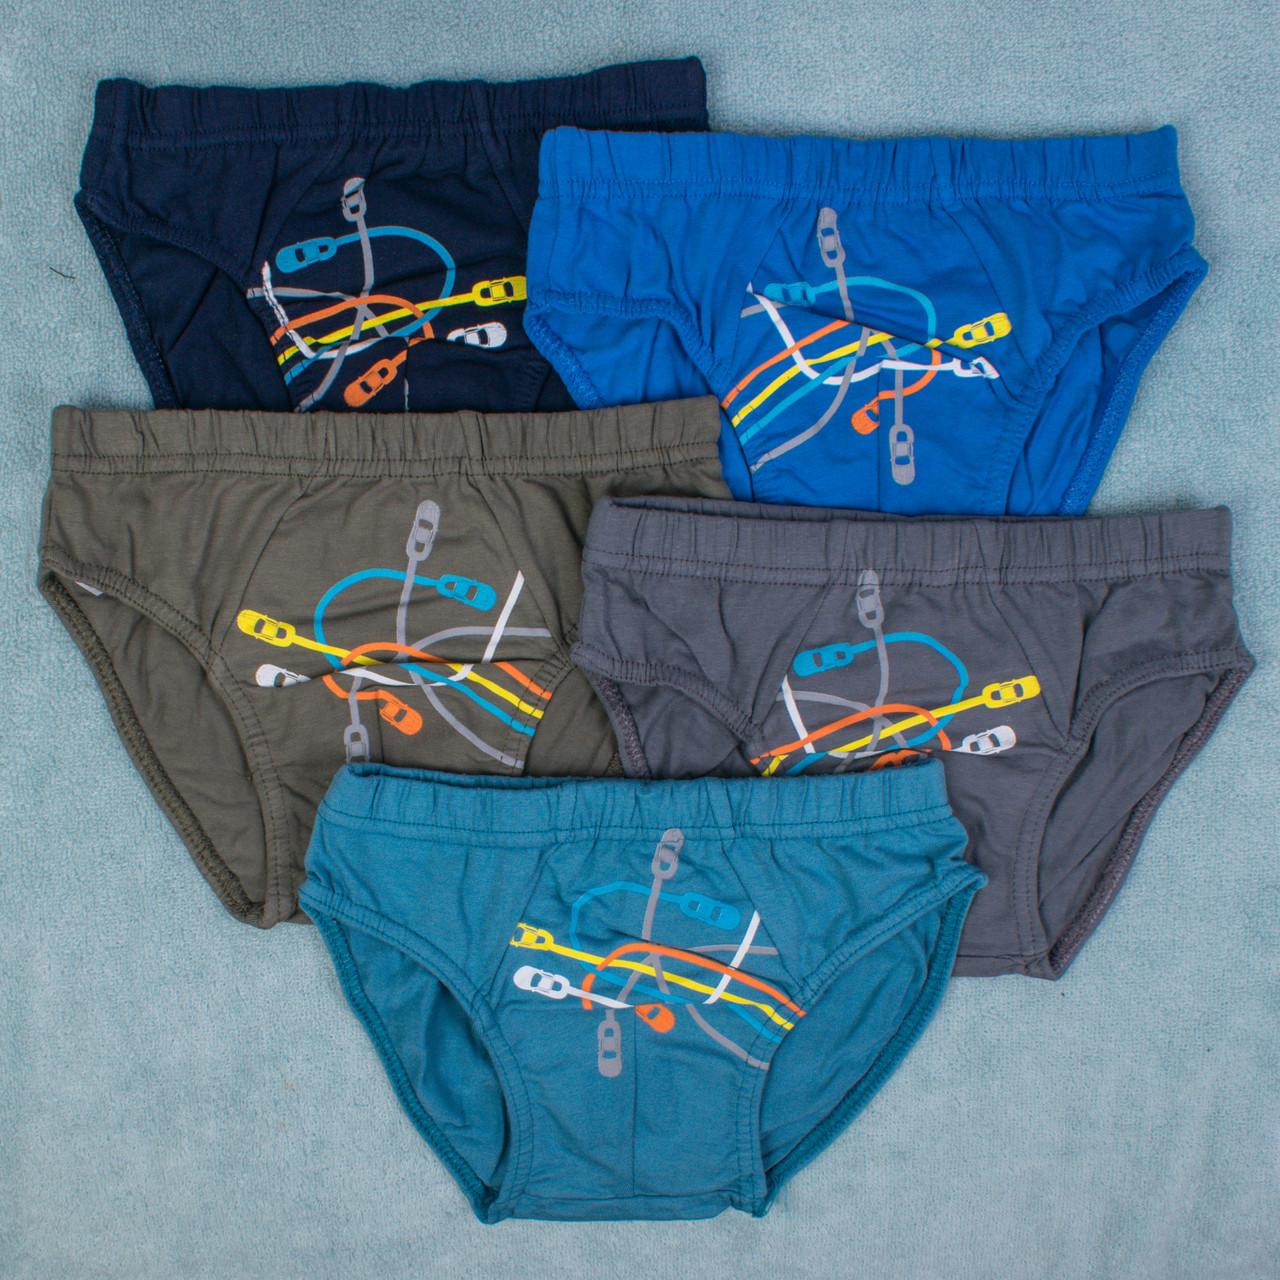 Детские плавки для мальчика Турция. Donella 7671WRA. Размер на 4-5 лет